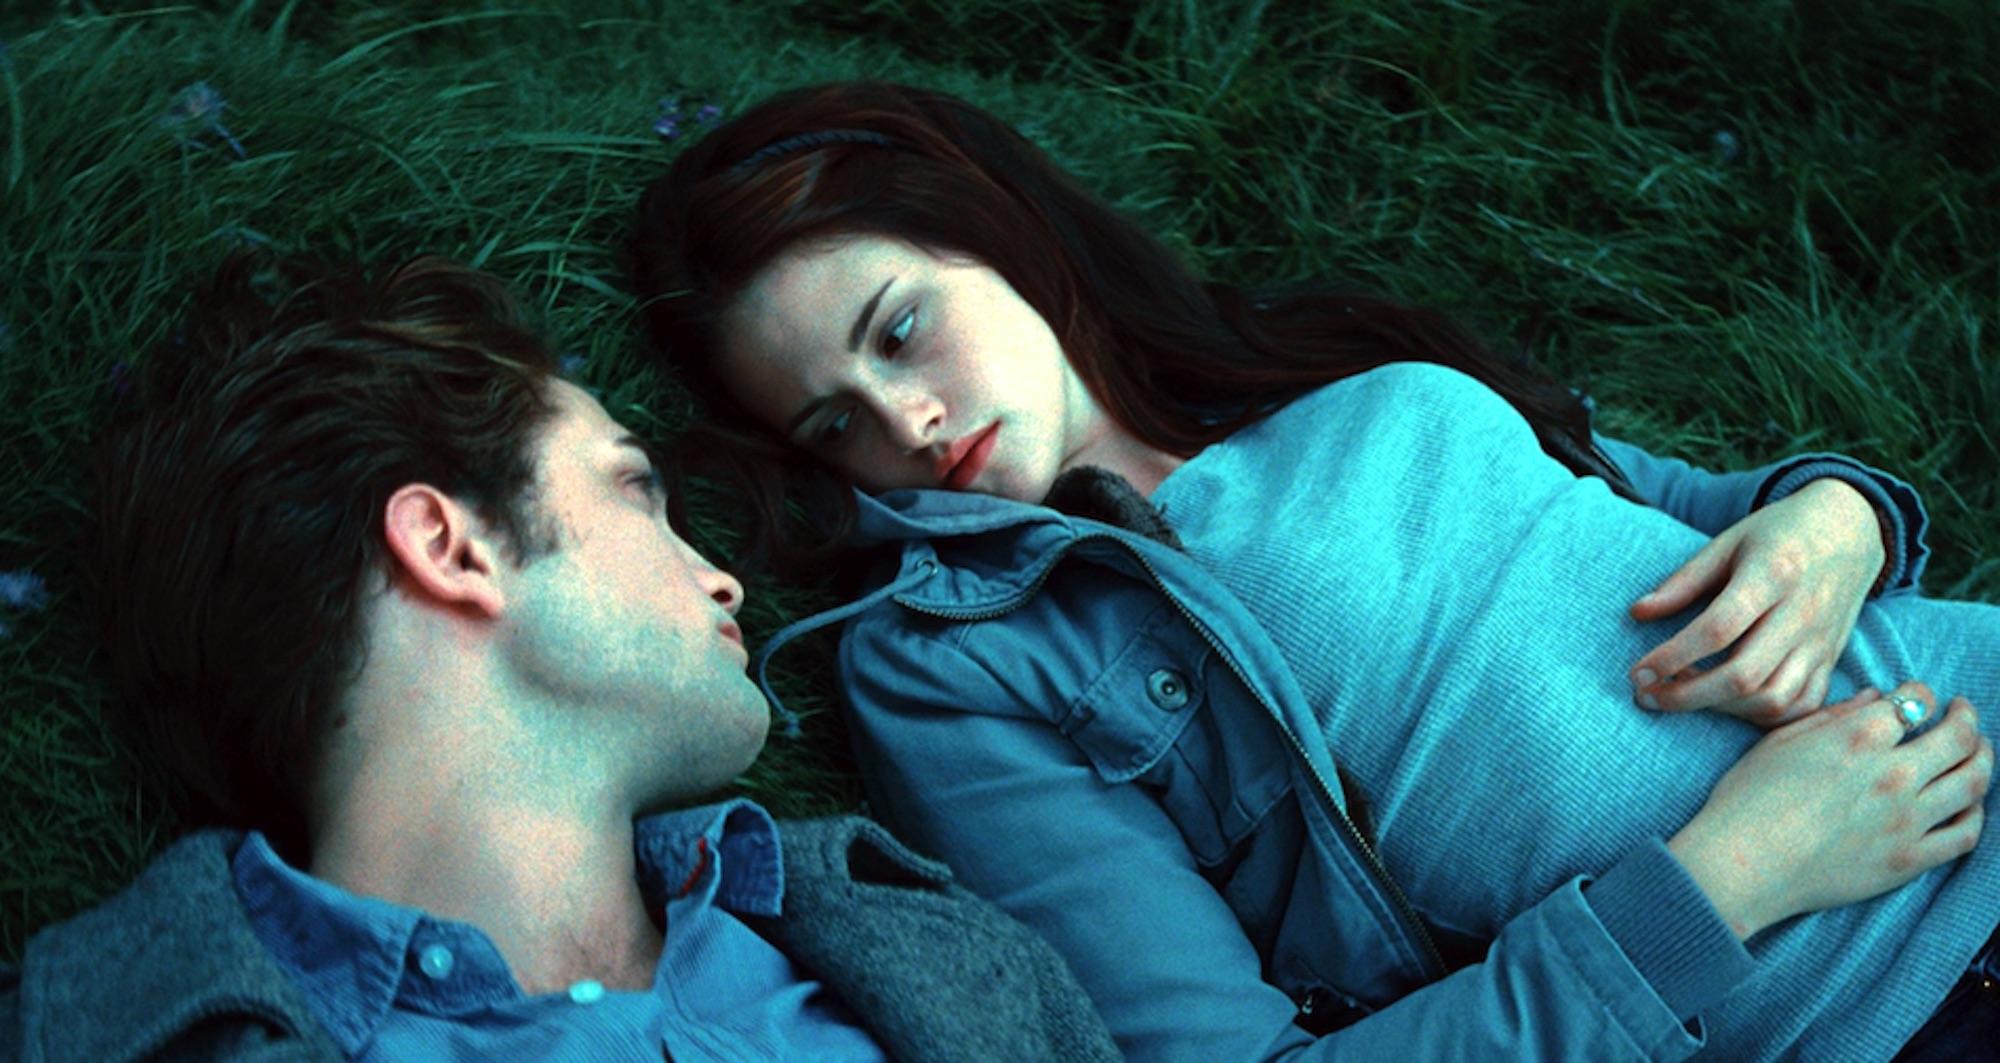 Edward Cullen (Robert Pattinson) and Bella Swan (Kristen Stewart) in 'Twilight.'